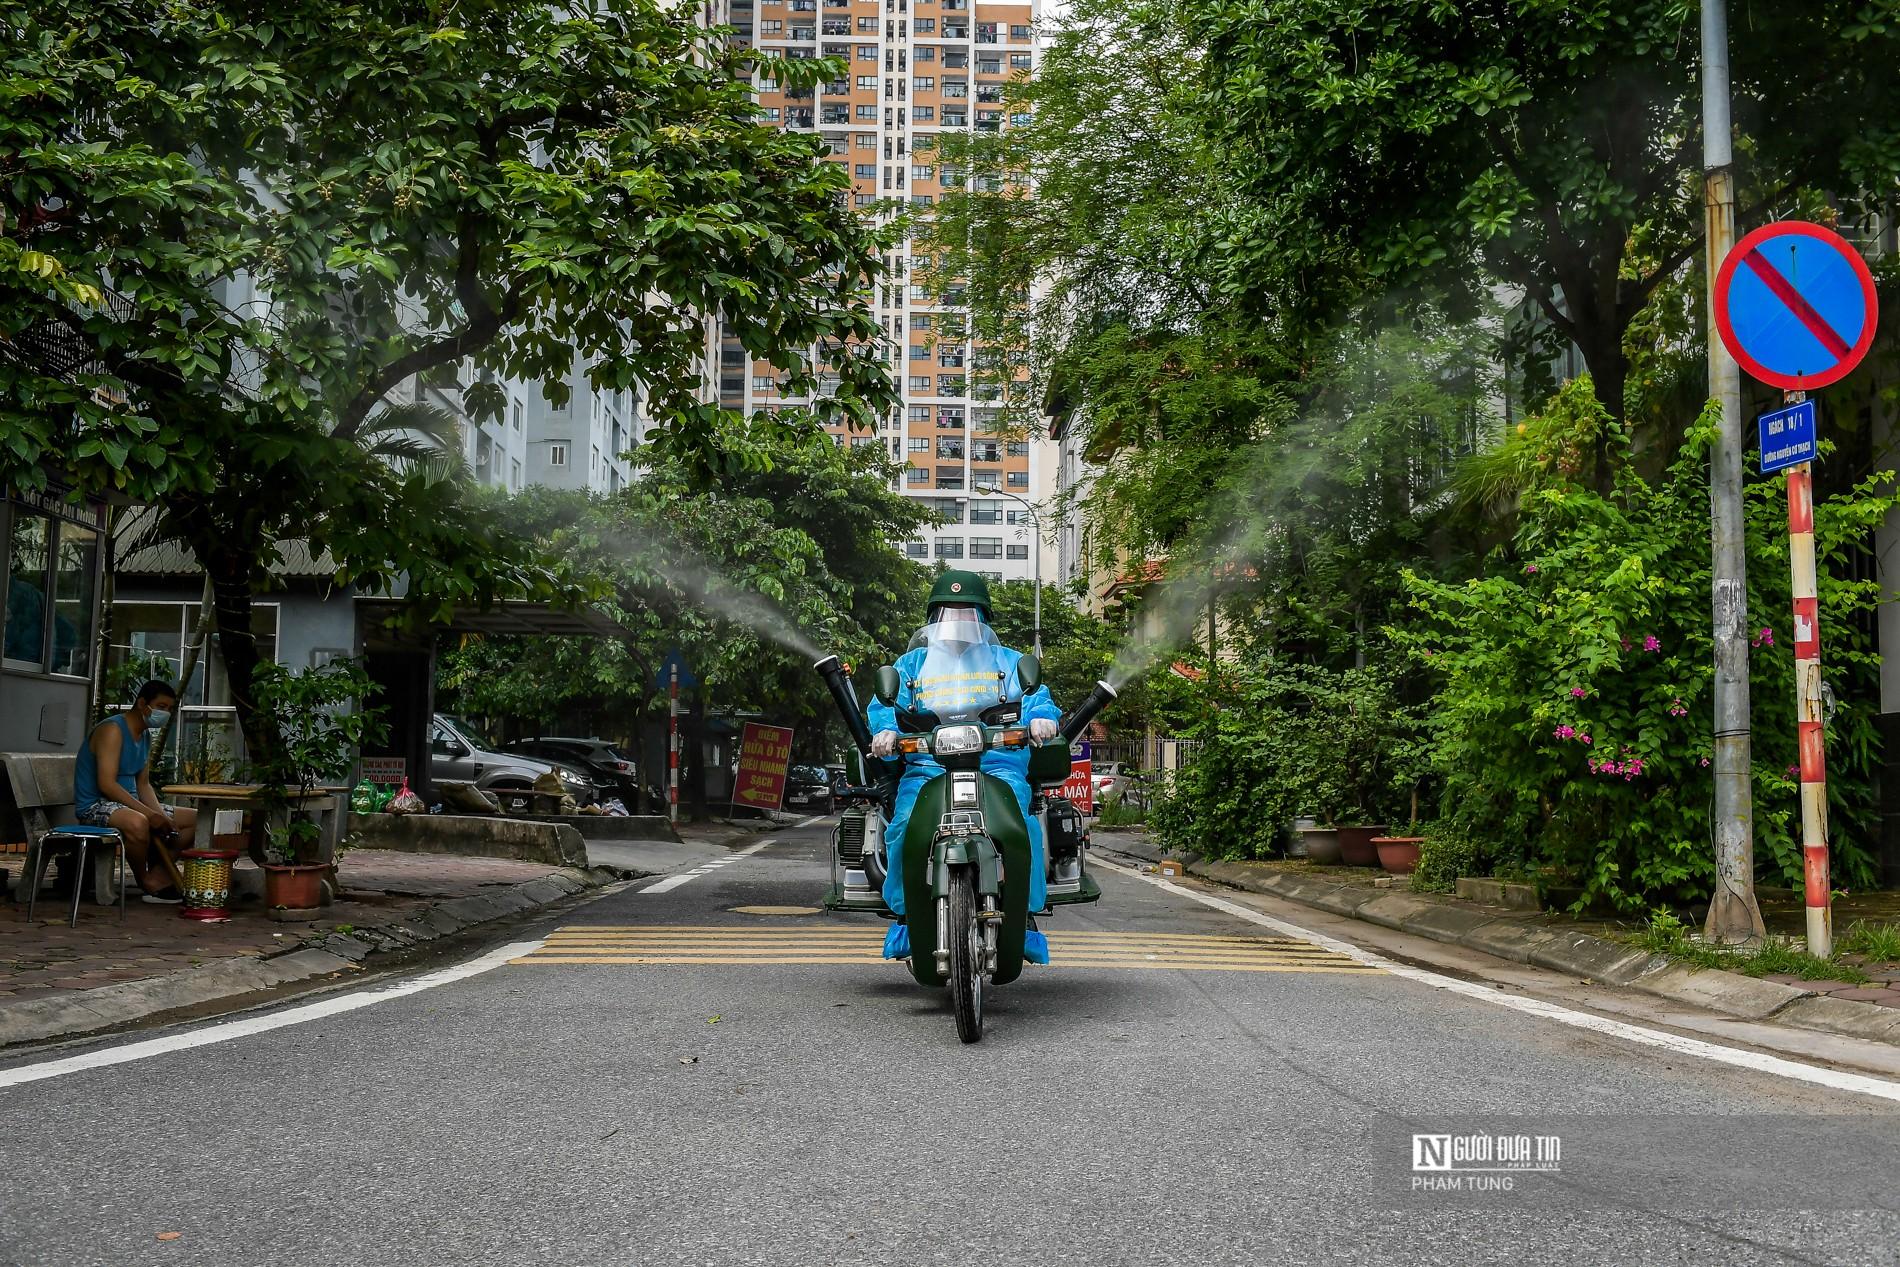 Dân sinh - Hà Nội: Sáng chế xe máy phun khử khuẩn lưu động thay sức người (Hình 14).